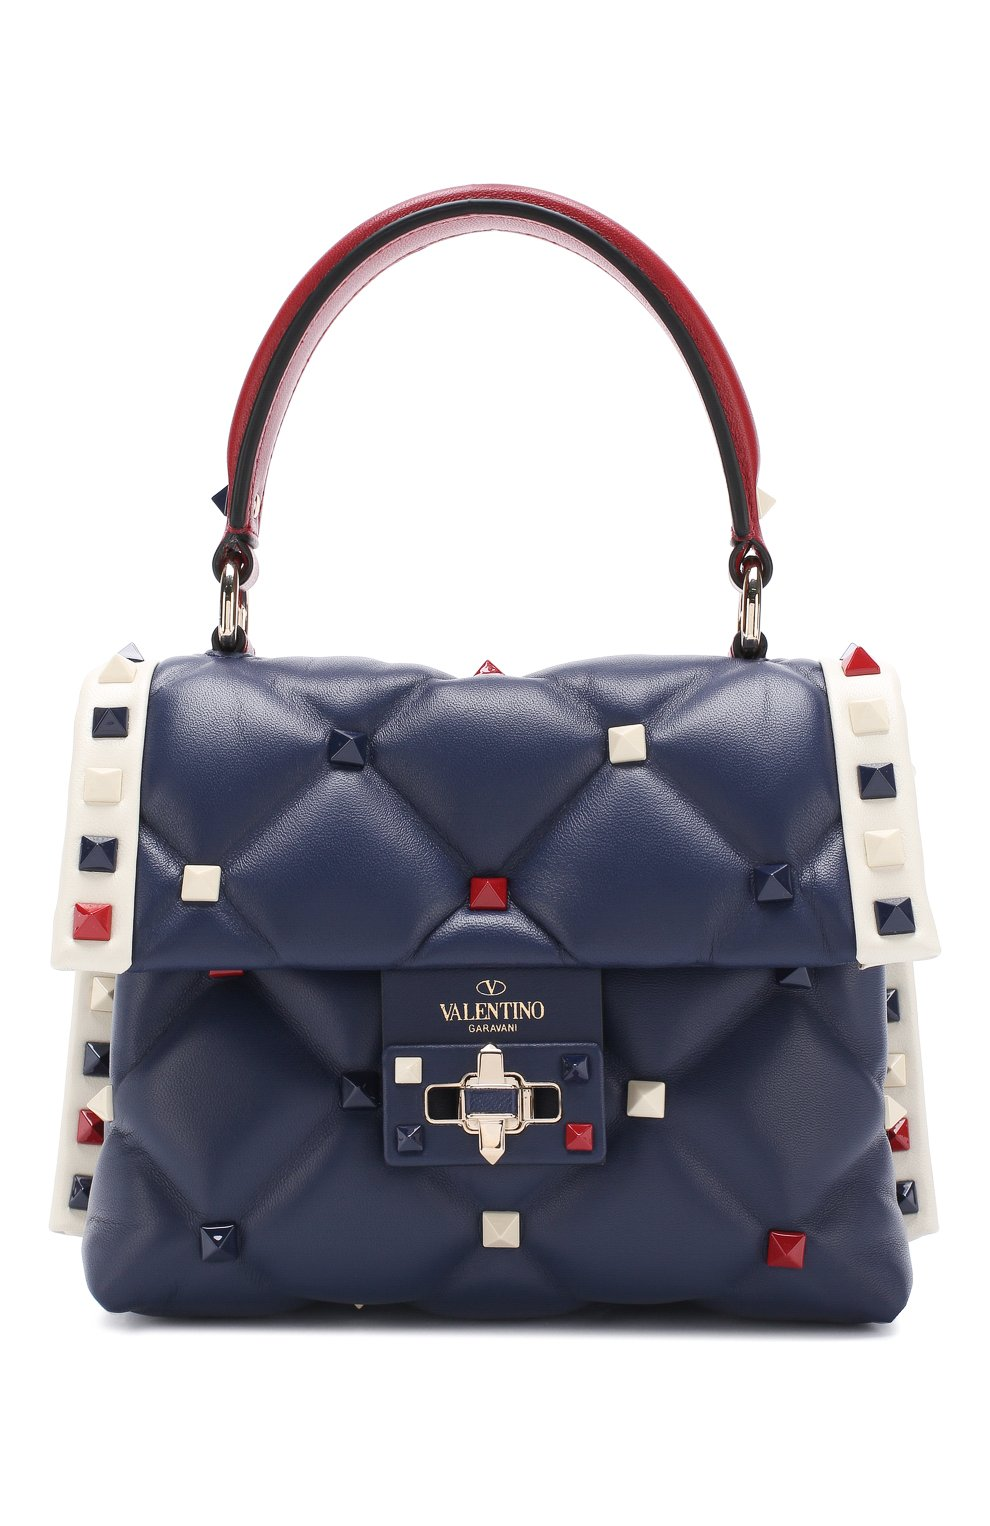 79e411838a8c Сумки Valentino по цене от 18 750 руб. купить в интернет-магазине ЦУМ